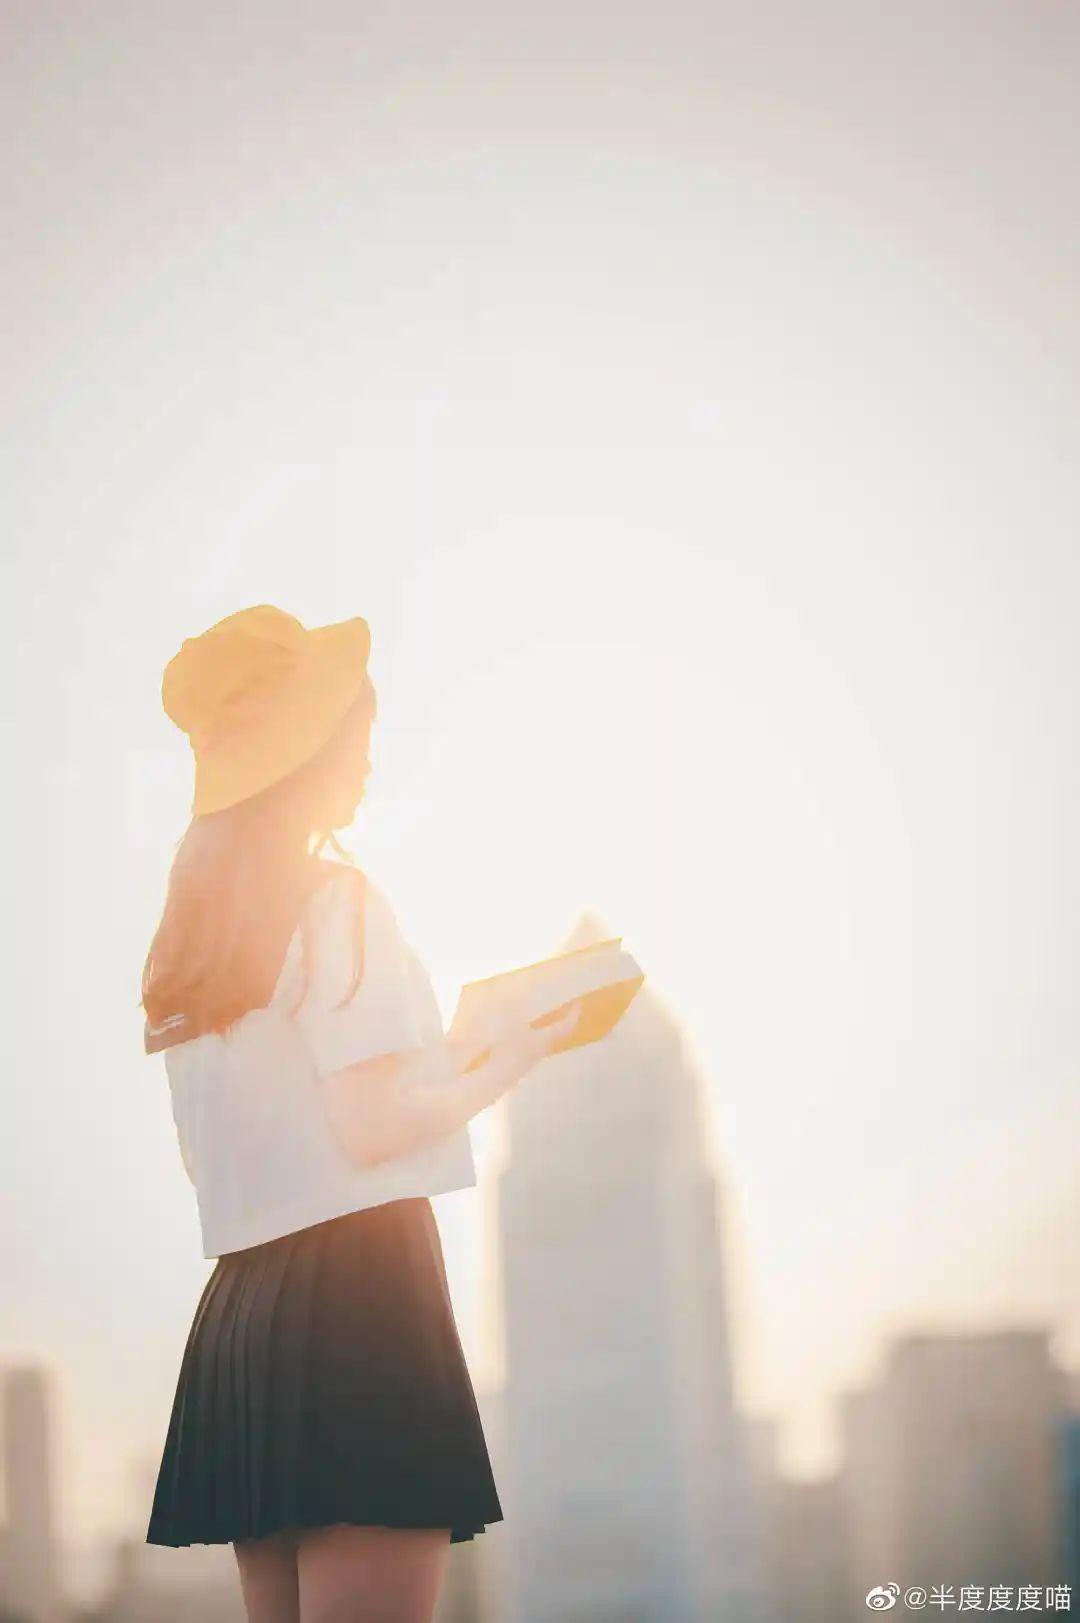 妹子摄影 – 元气JK制服少女,站在天台眺望高楼和朝阳_图片 No.5